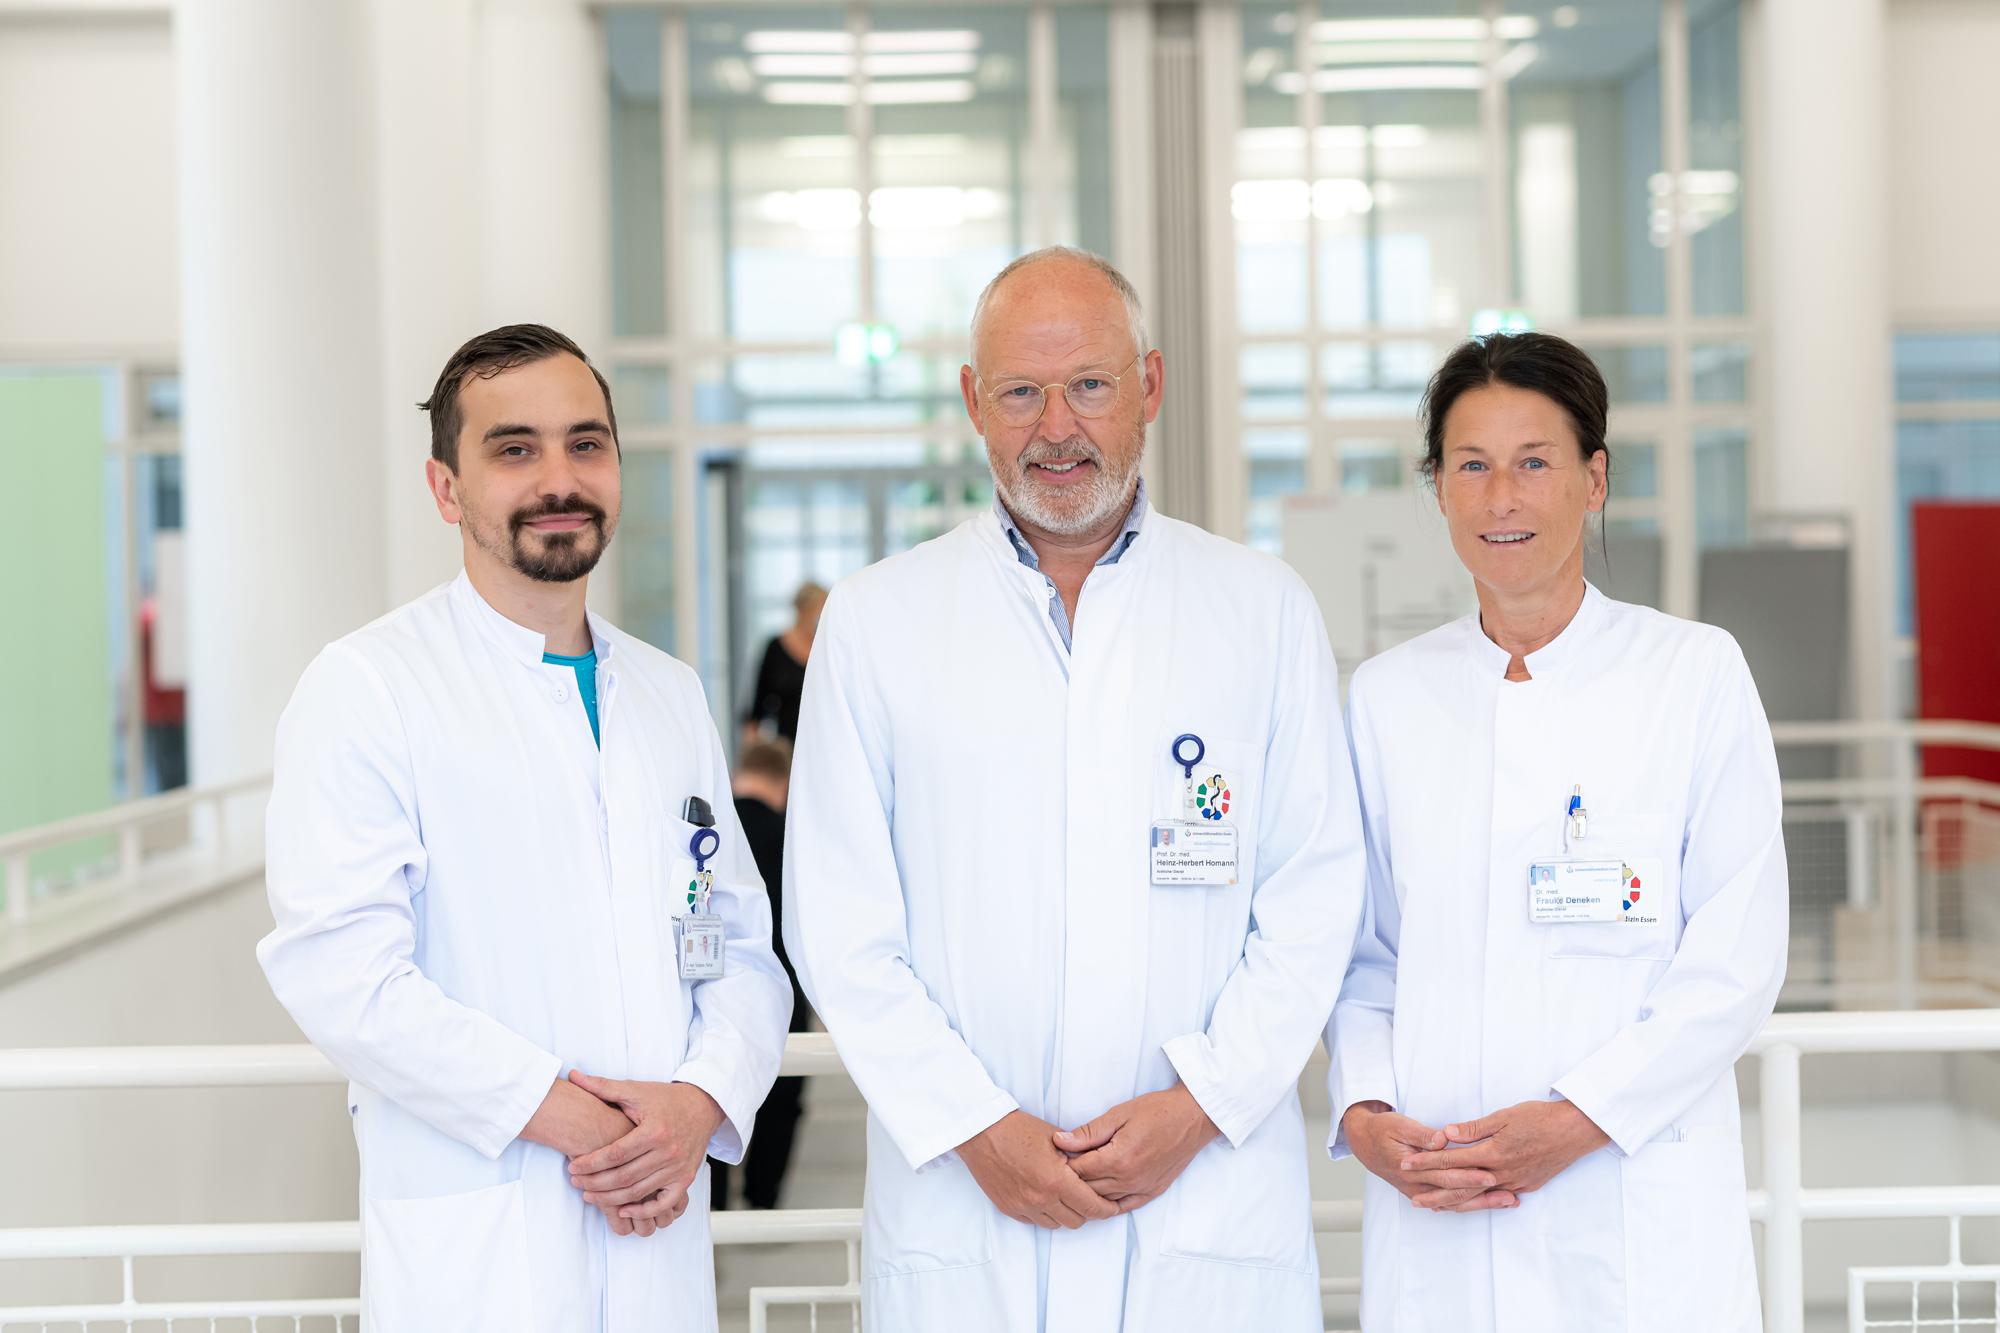 Klinik für Plastische, Rekonstruktive und Ästhetische Chirurgie - Titelbild